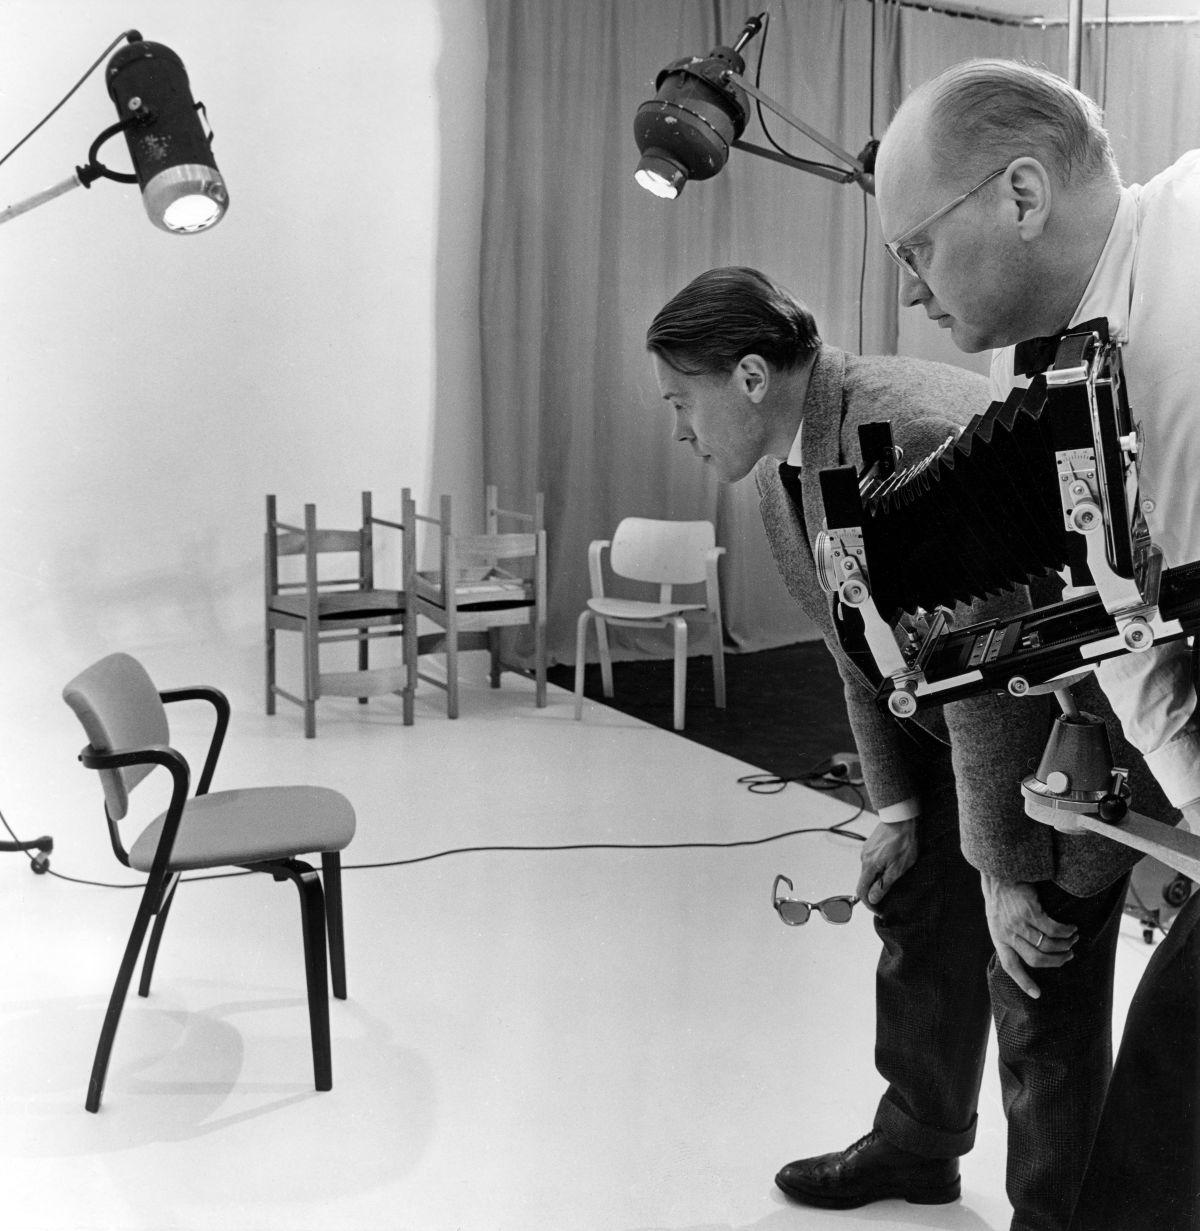 Ilmari_Tapiovaara_Aslak_Chair_1958_photo_Jussi_Pohjakallio_Designmuseum_5